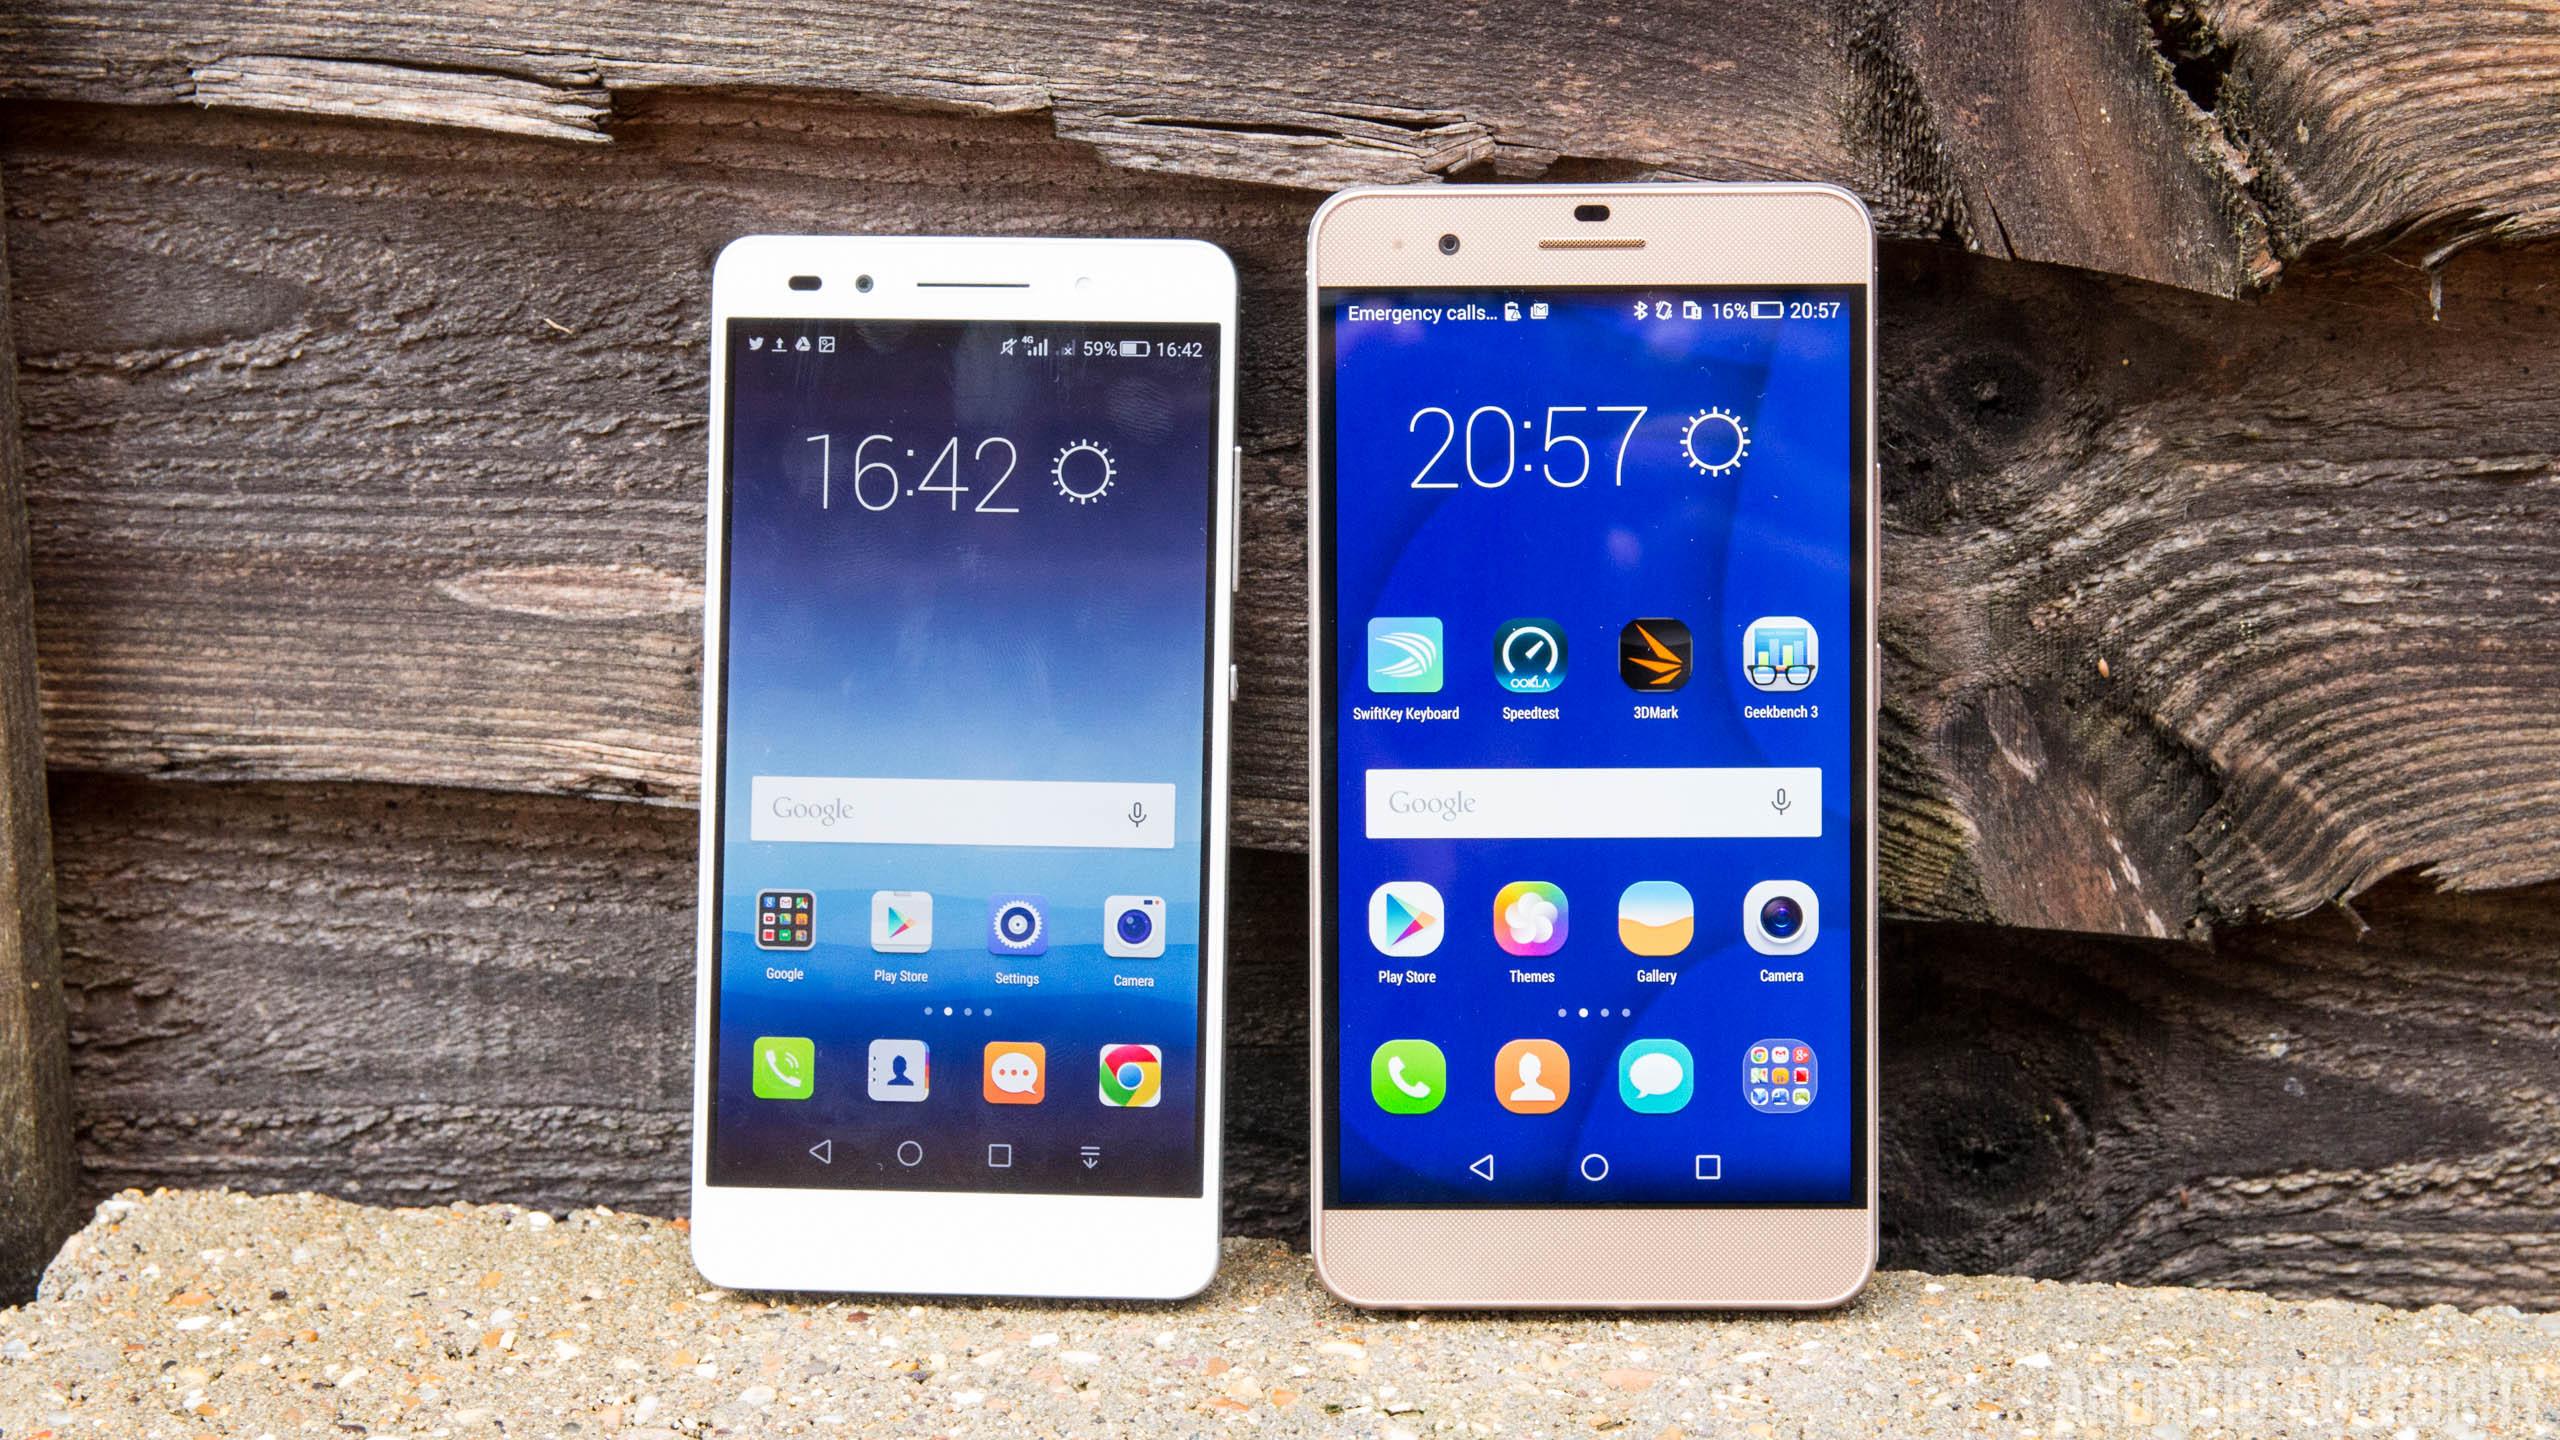 Huawei Honor 7 vs Honor 6 Plus